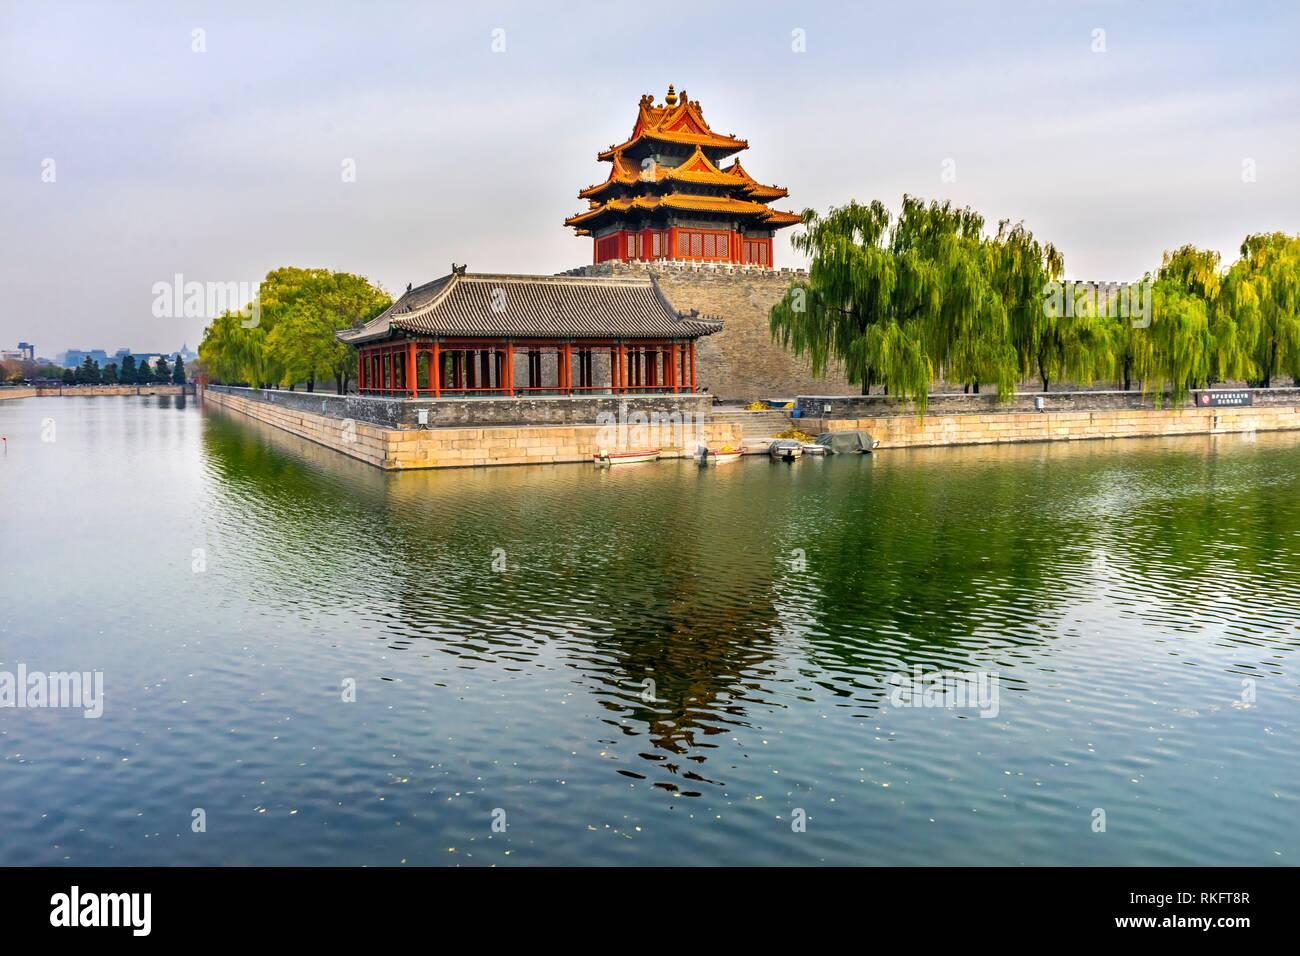 Pfeil Watch Tower Gugong Verbotene Stadt Graben Canal Plaace Wand Beijing China. Der Kaiserpalast in den 1600er Jahren in der Ming Dynastie errichtet wurde. Stockfoto